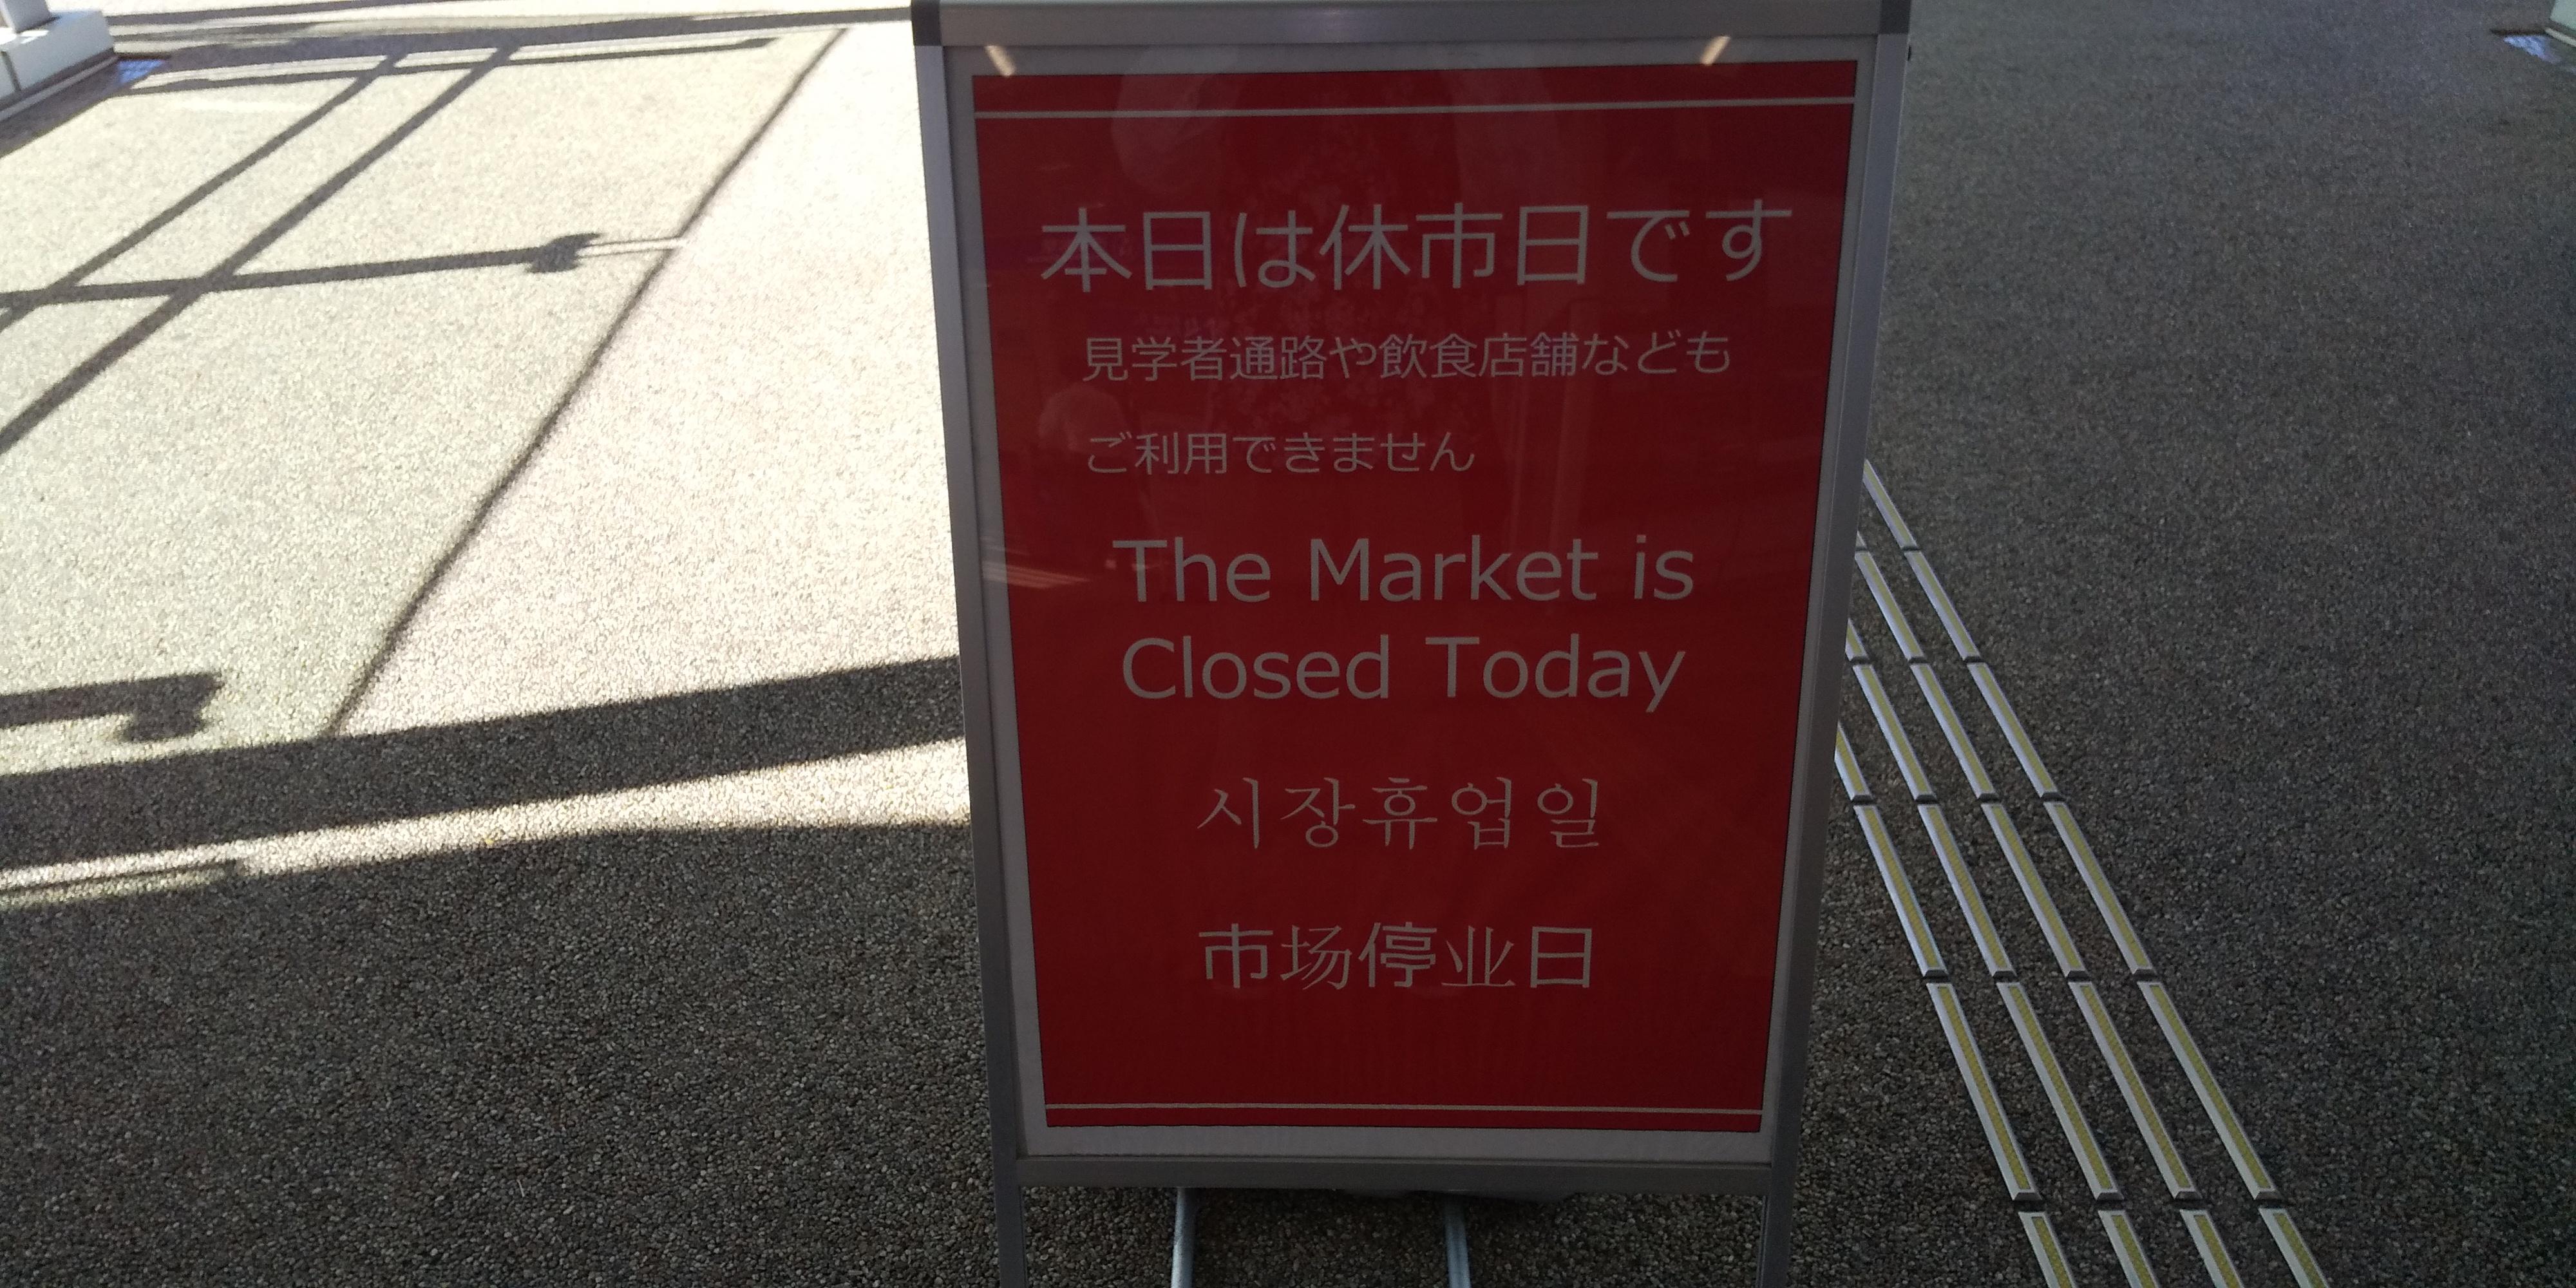 豊洲市場はお休みだった